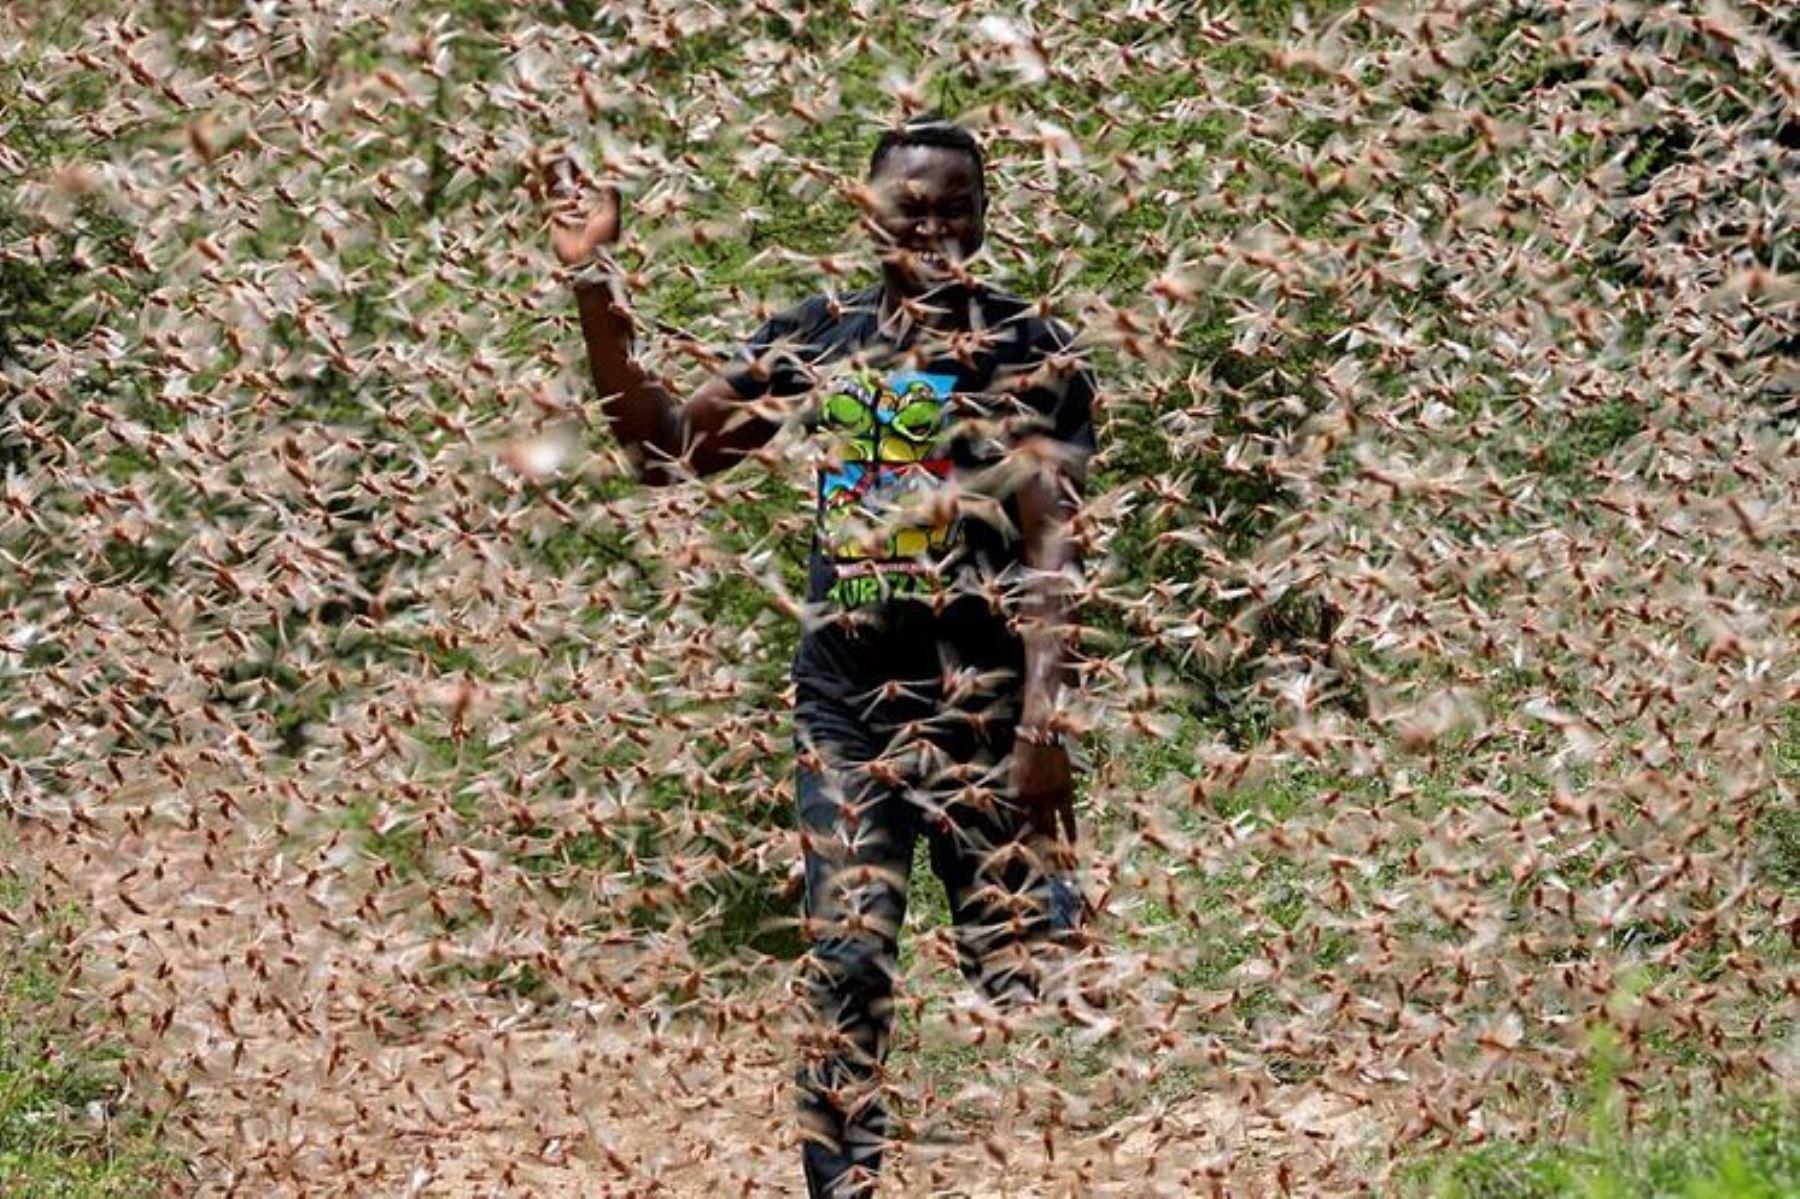 El Ministerio decidió anticiparse y poner en marcha un plan para enfrentar la plaga y adoptar medidas de control contra la nube de langostas. Foto referencial: INTERNET